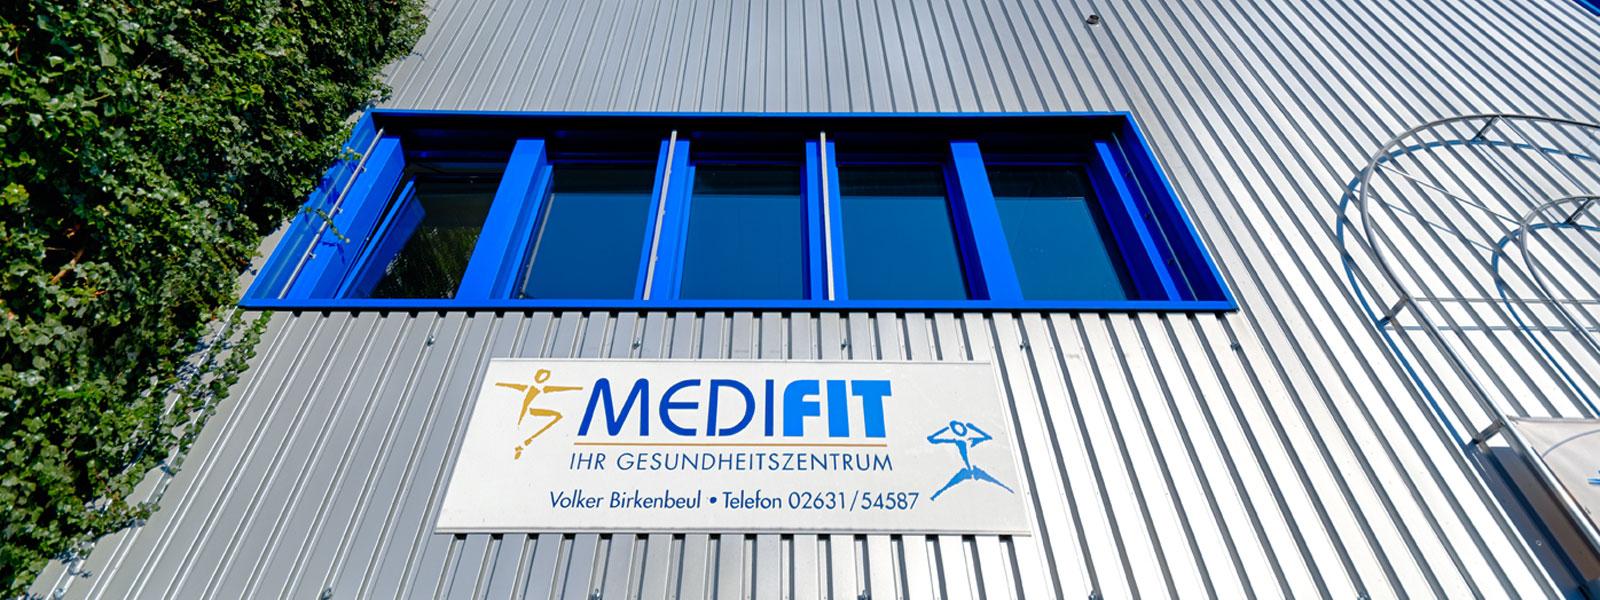 Medifit Gesundheitszentrum In Neuwied Medifit